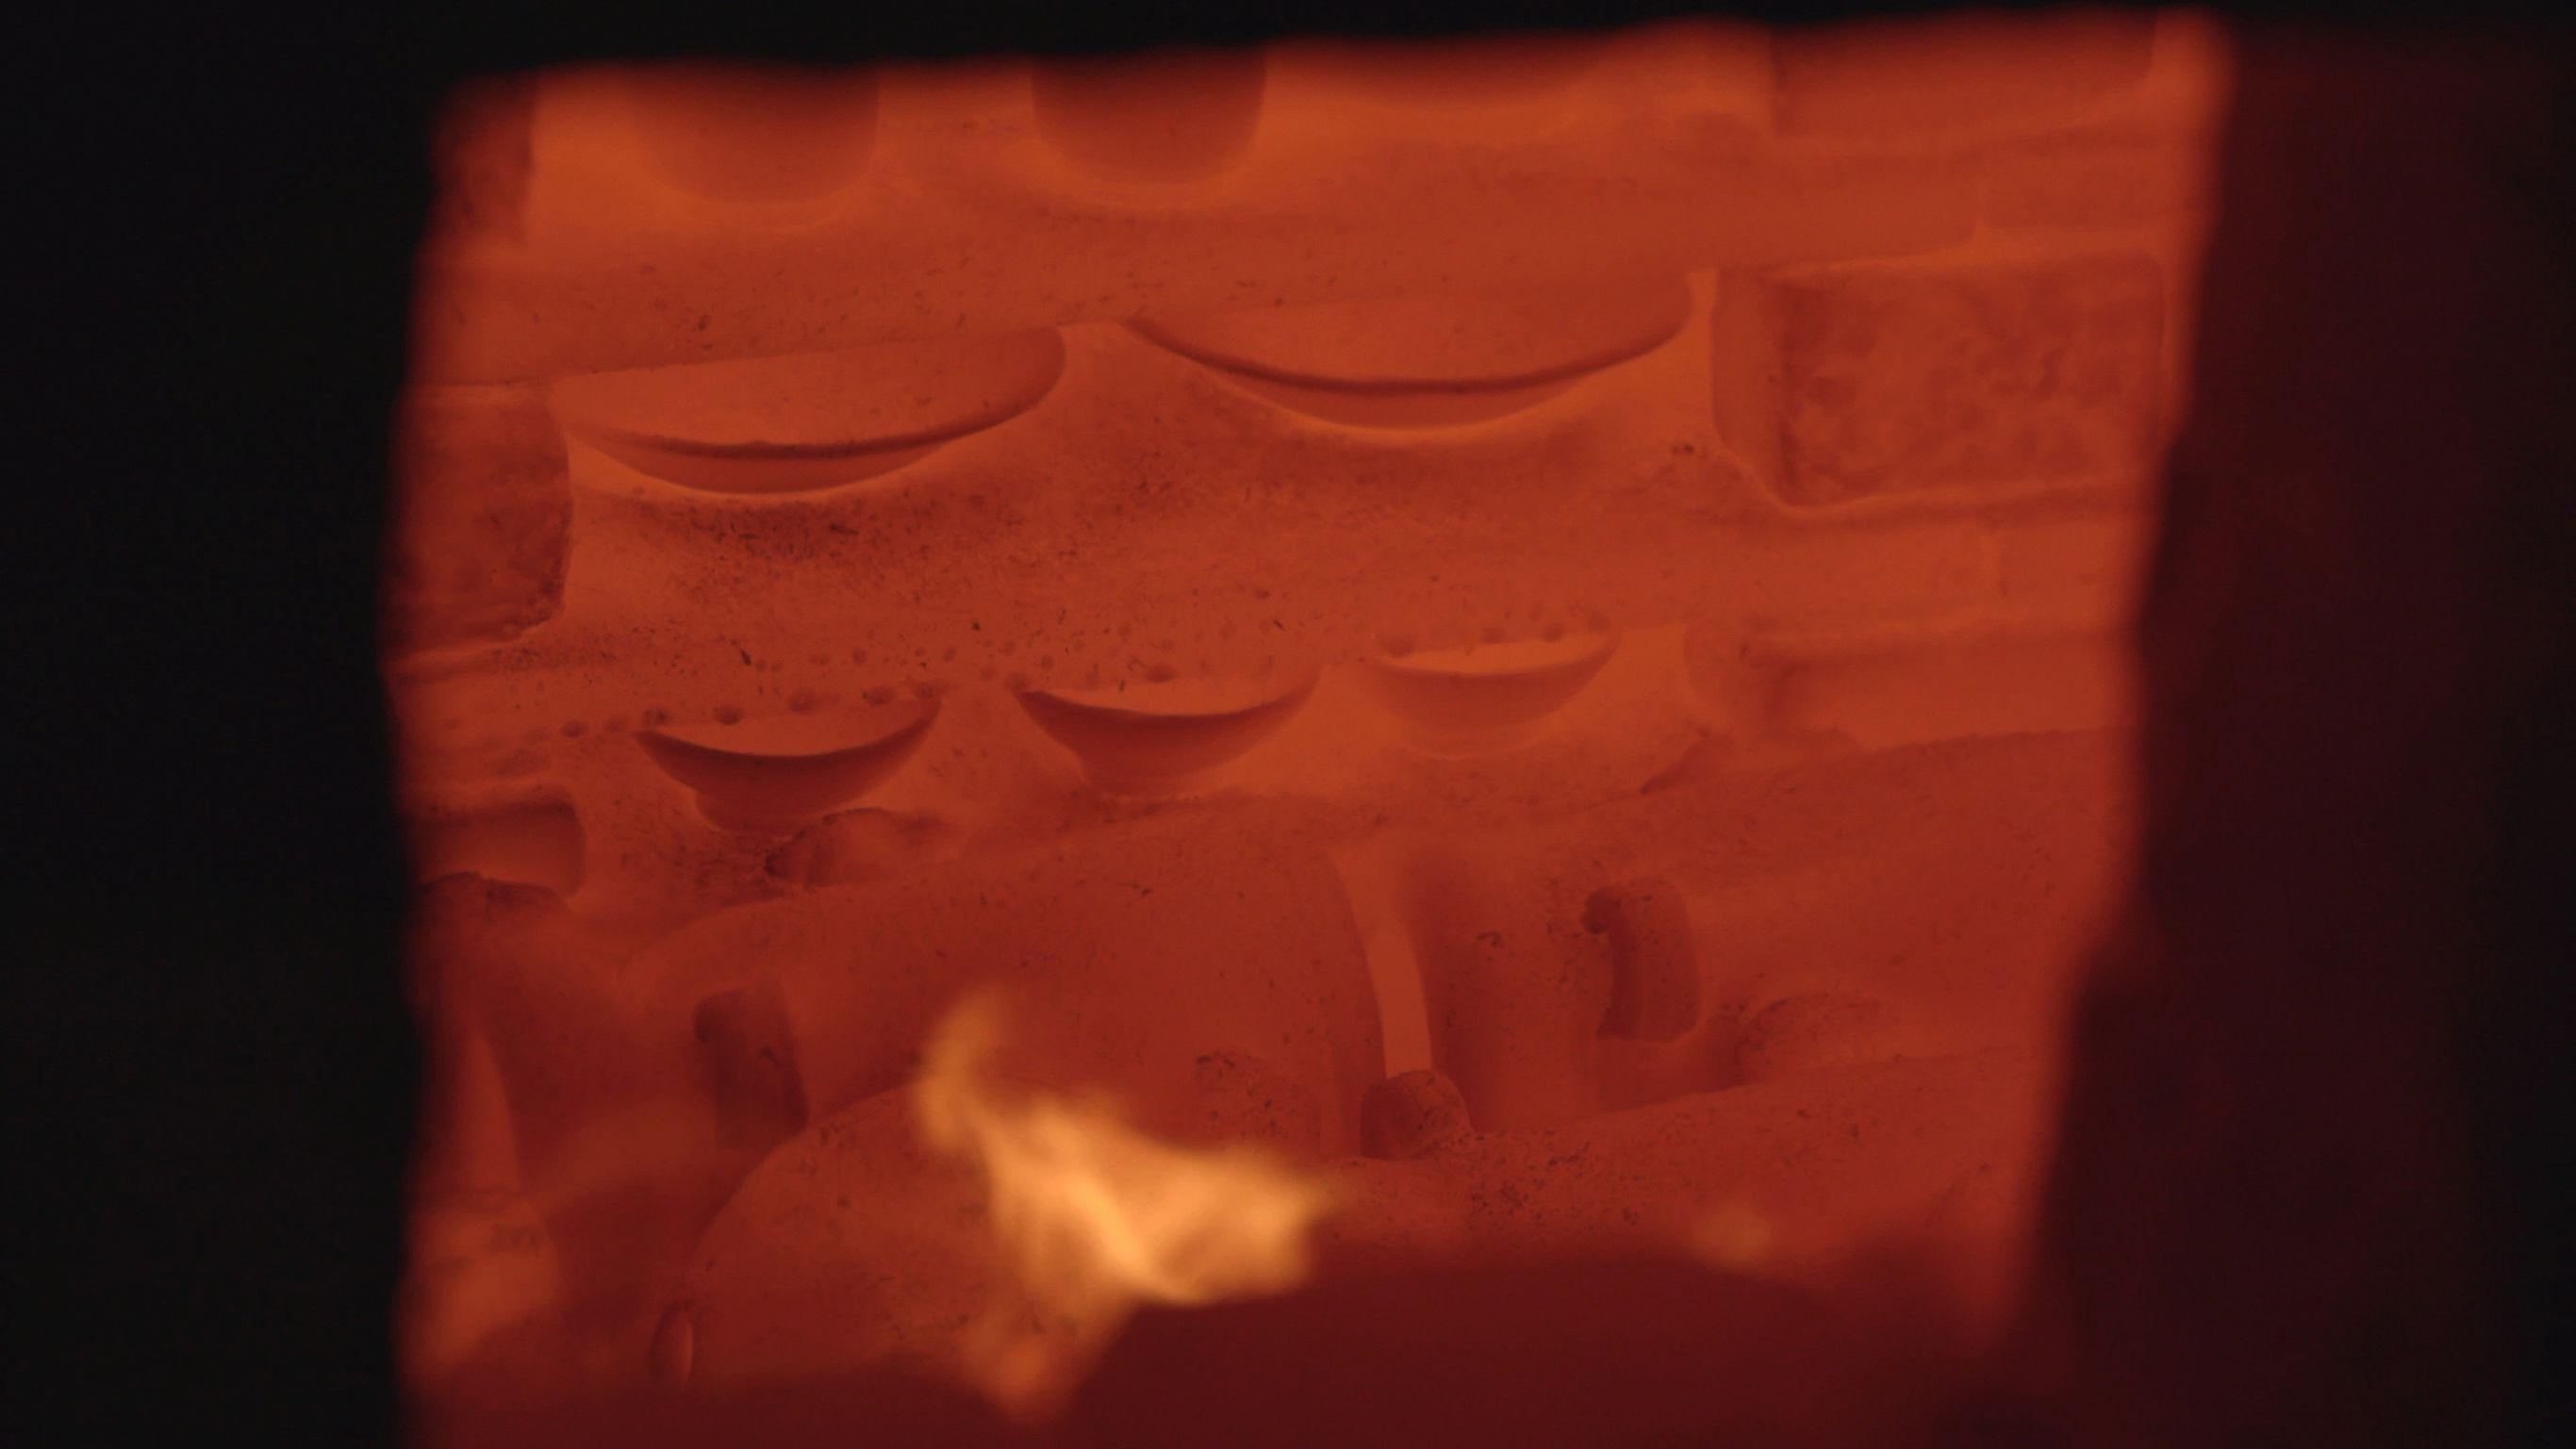 備前、一陽窯の窯焚き。十昼夜半もの間、薪をくべ続けて窯を焚く